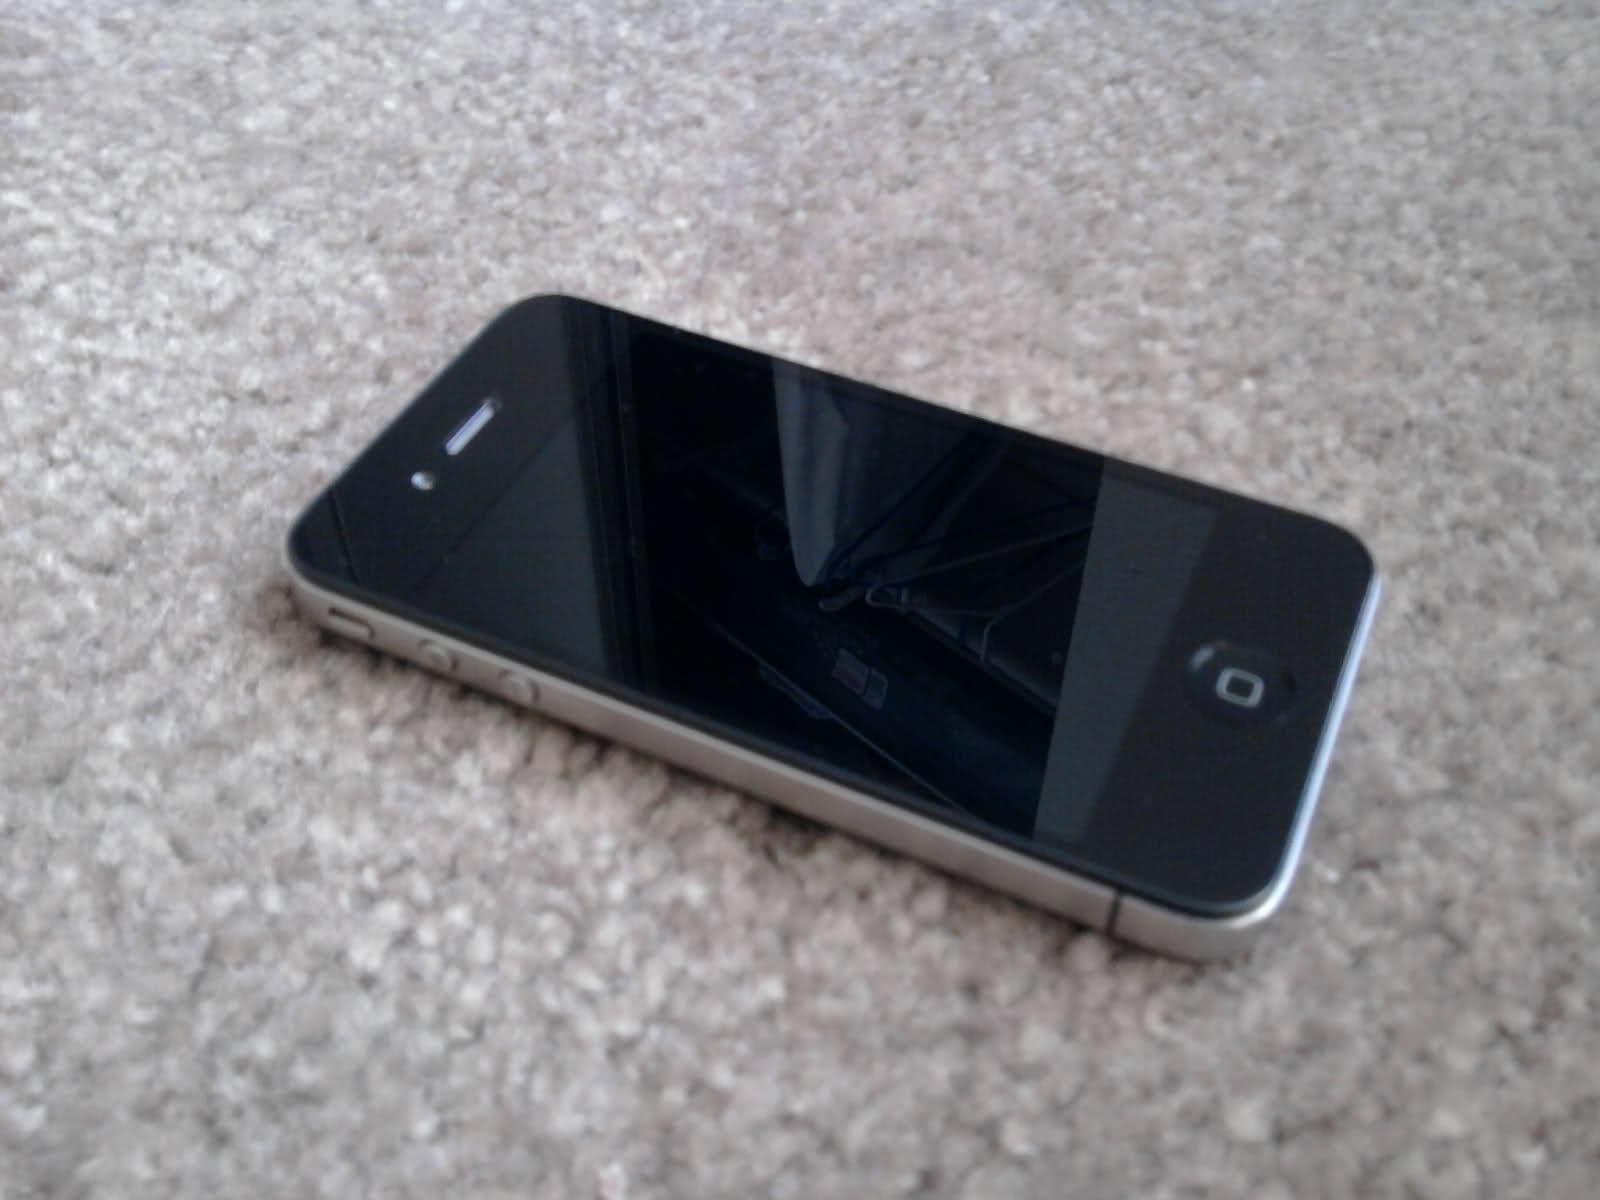 IPHONE 4S PRICE USED